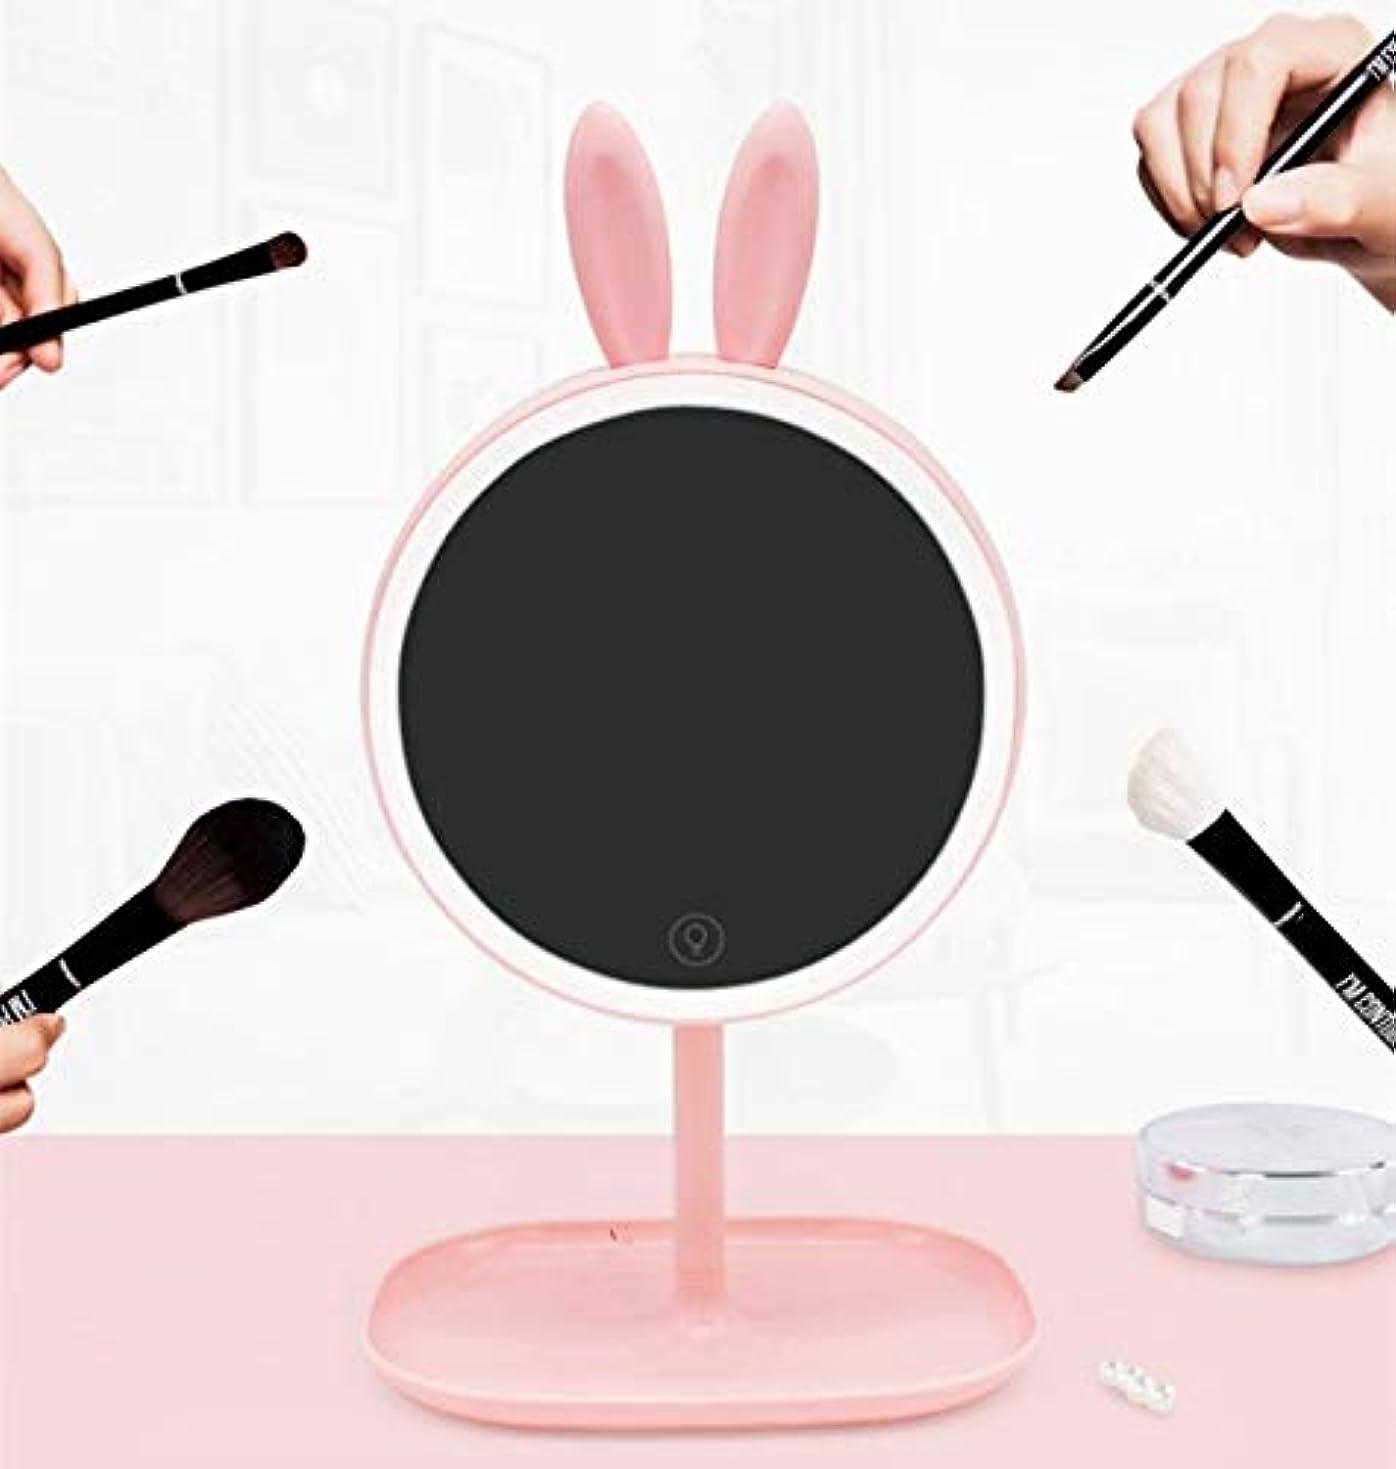 要件序文フォーカスLED化粧鏡 化粧ミラー 鏡 女優ミラー led付き 明るさ調節可能 充電式 収納 自然光 柔らかい光 折りたたみ式 内蔵リチウム電池 (ピンク)